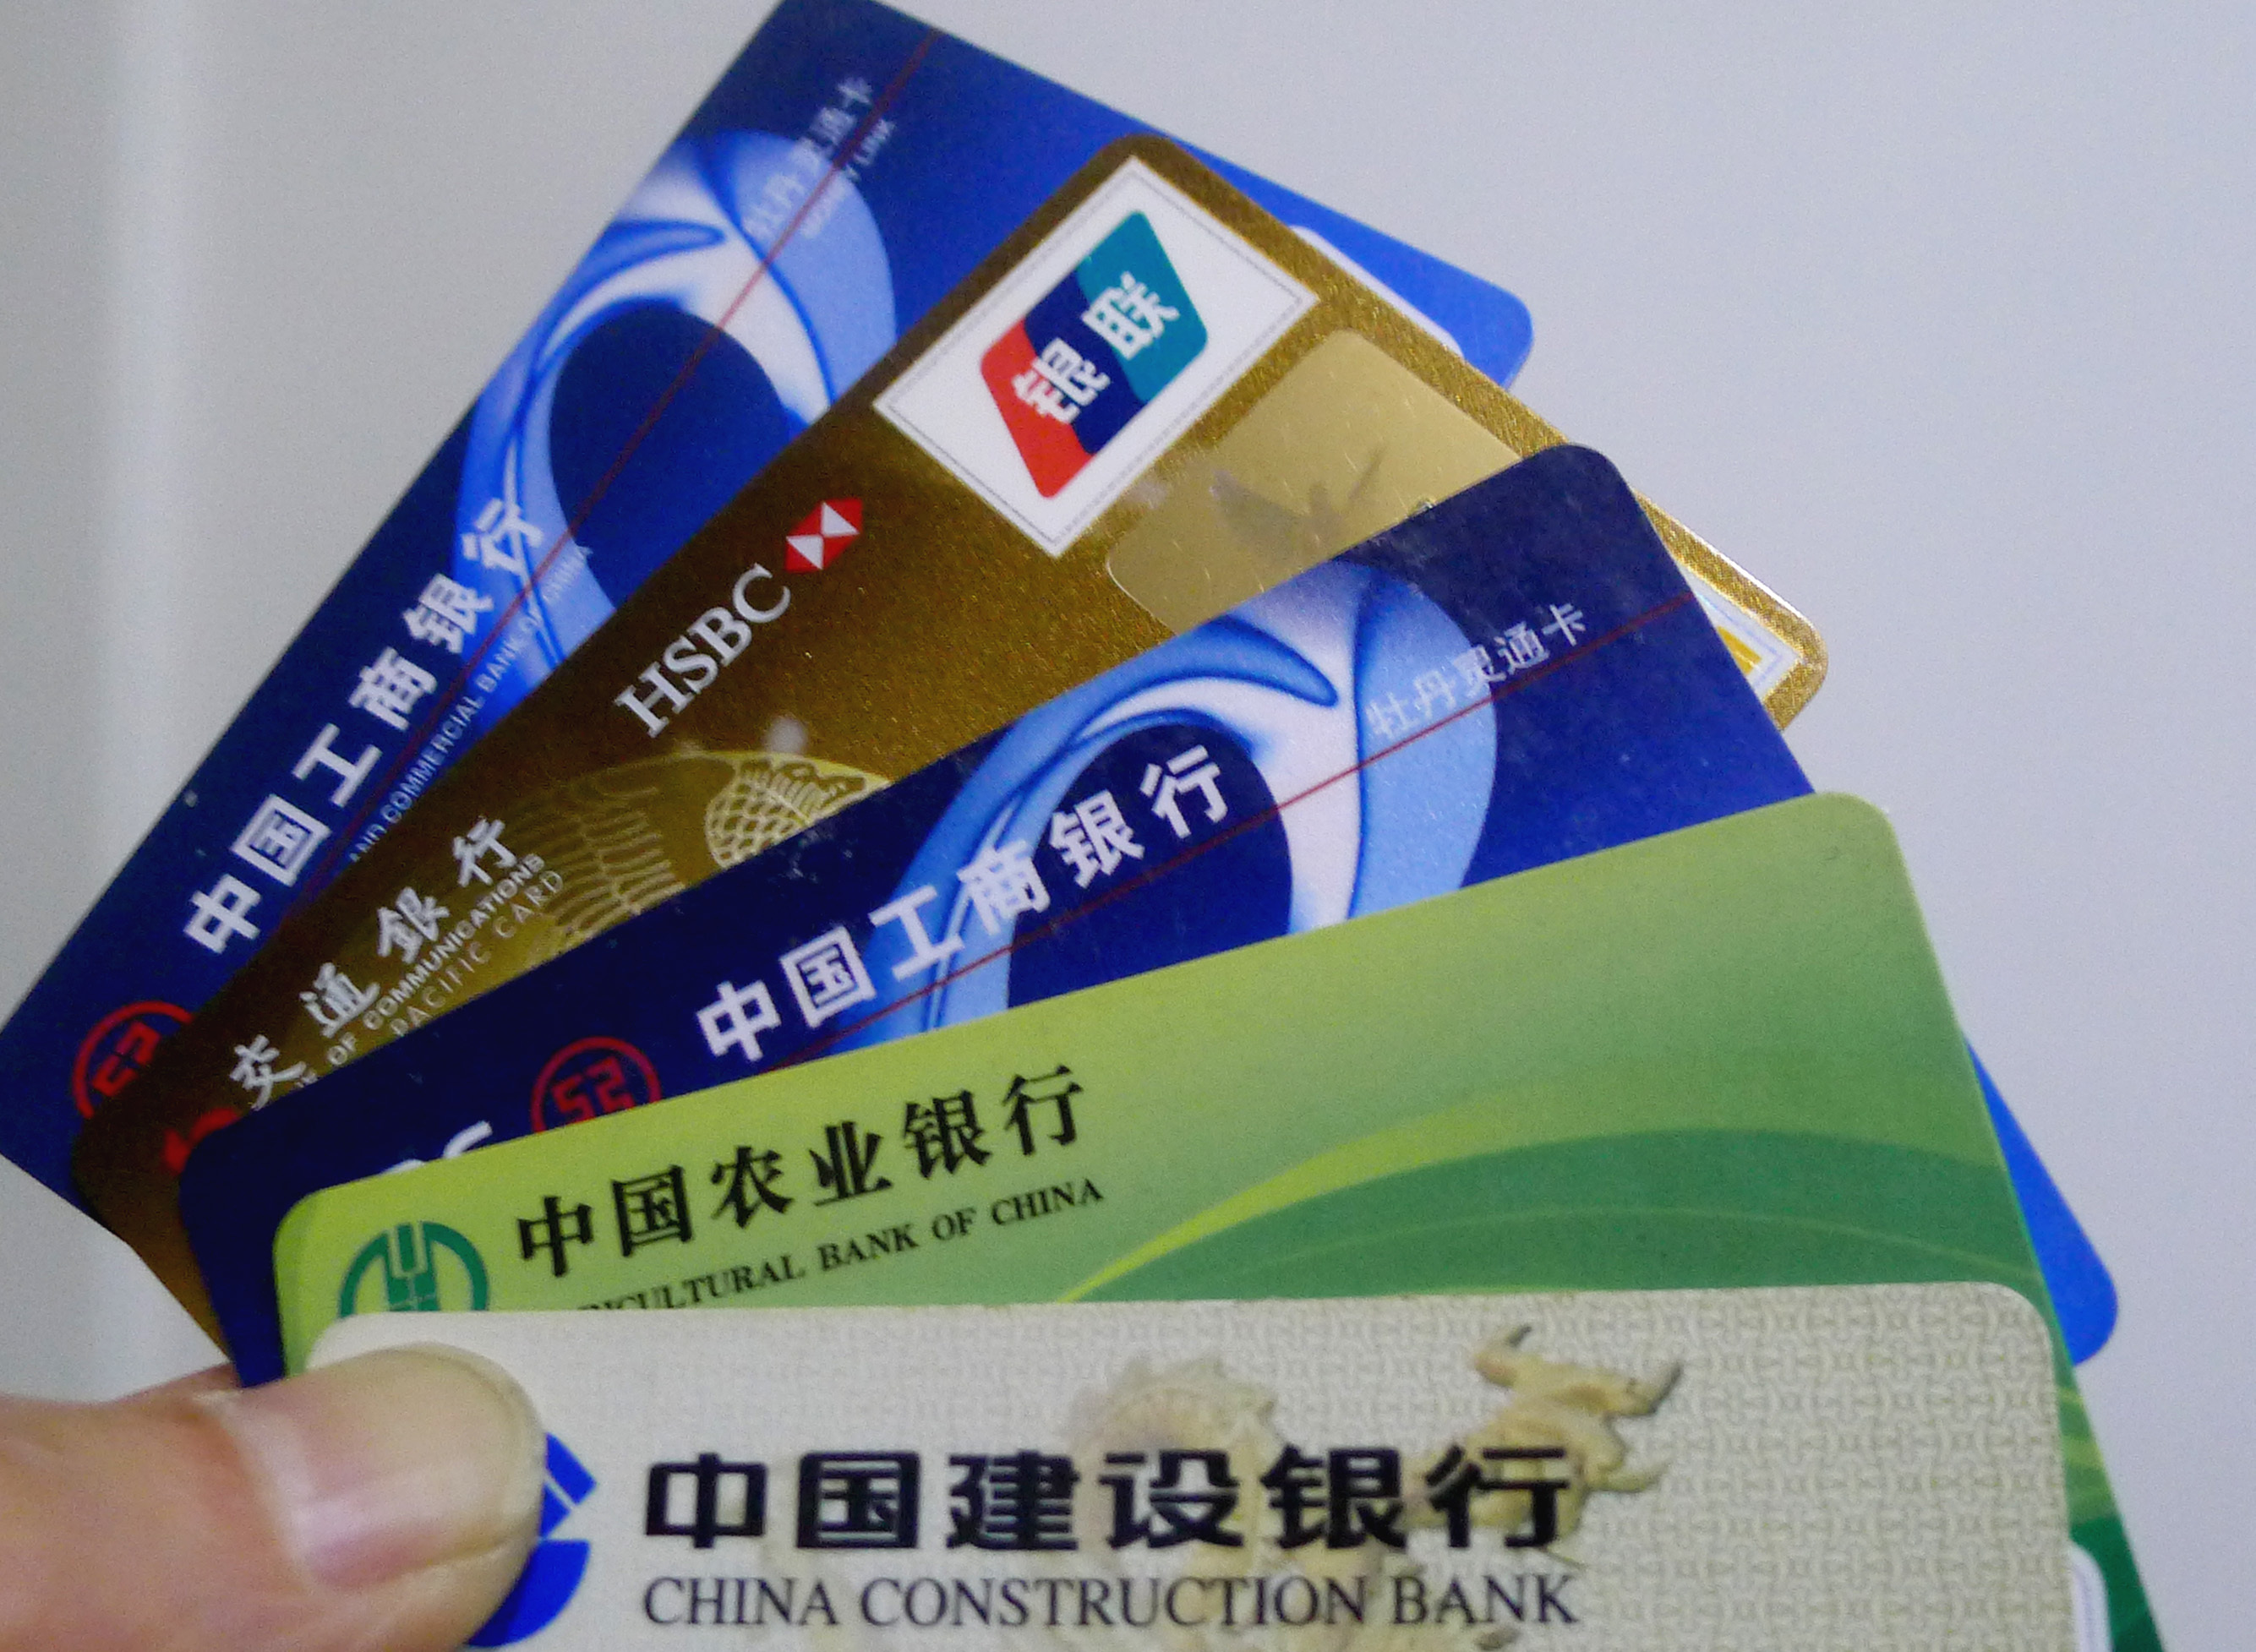 我用这3种方式养信用卡,额度提升了10倍!